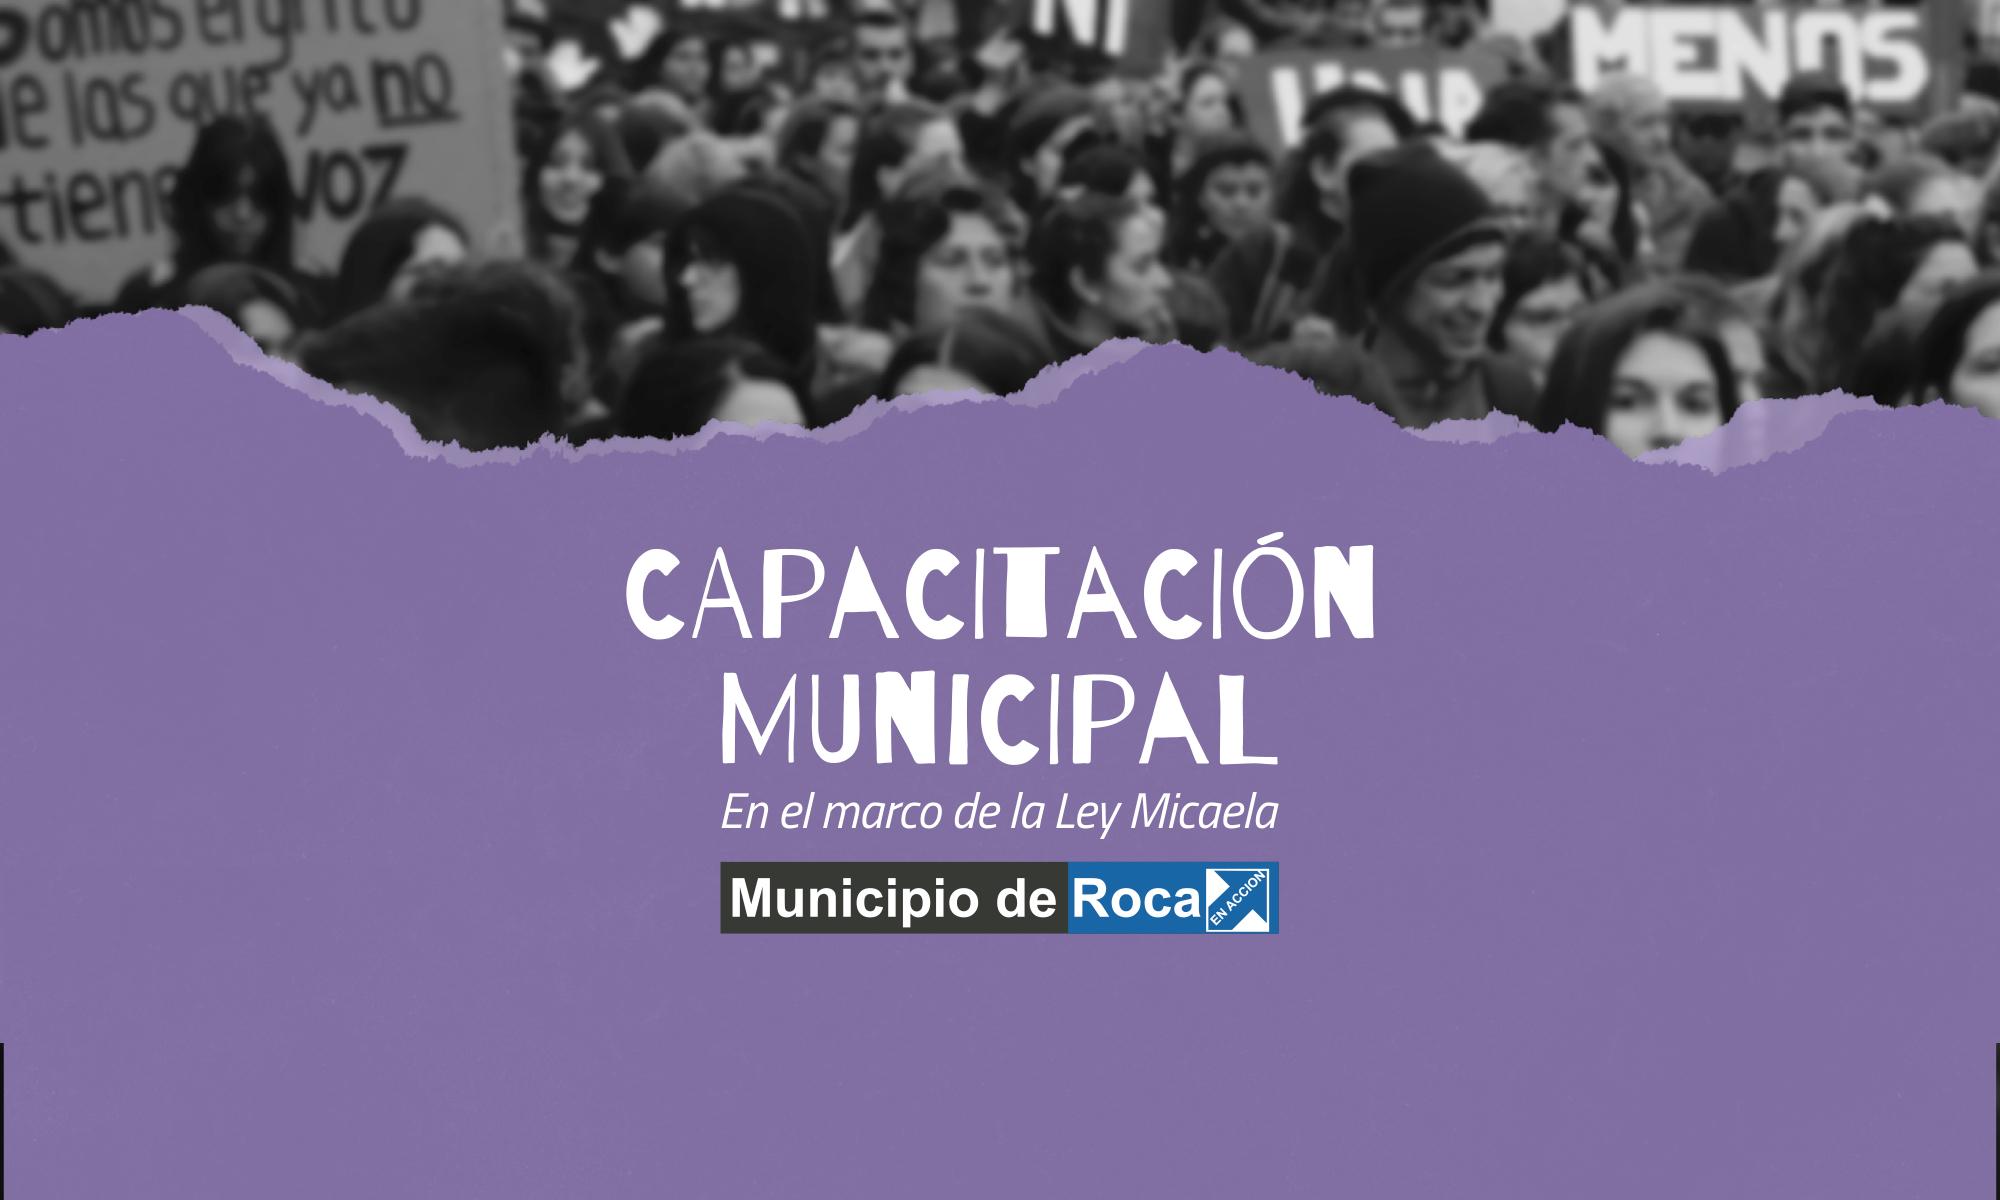 Capacitación Municipal